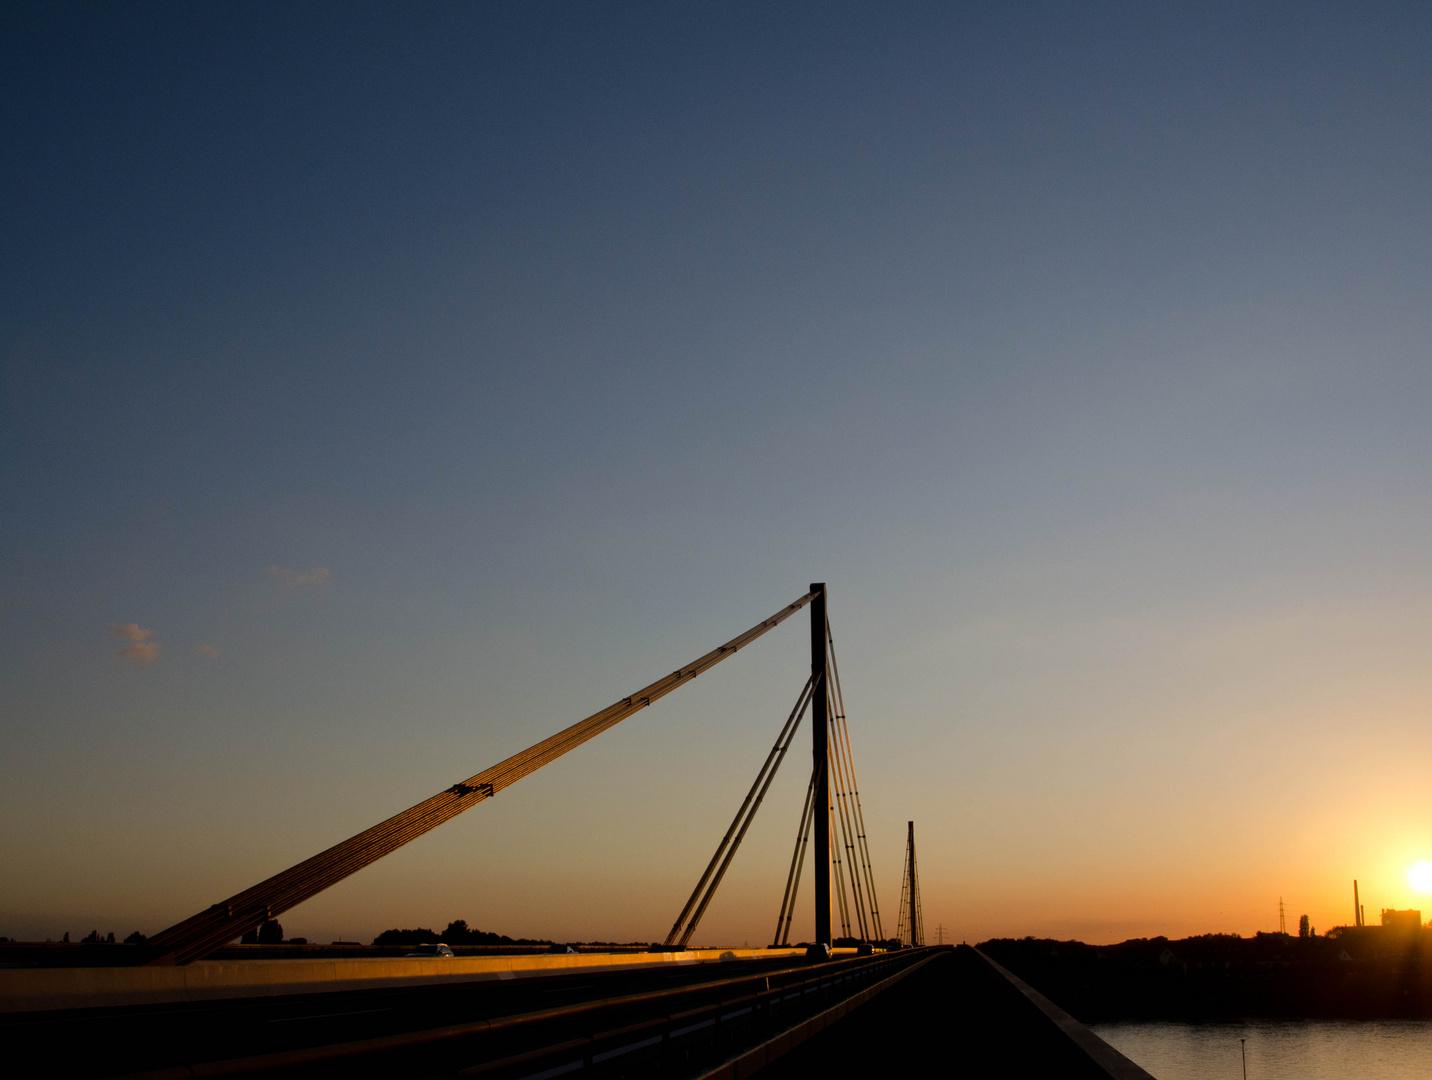 ...bridge